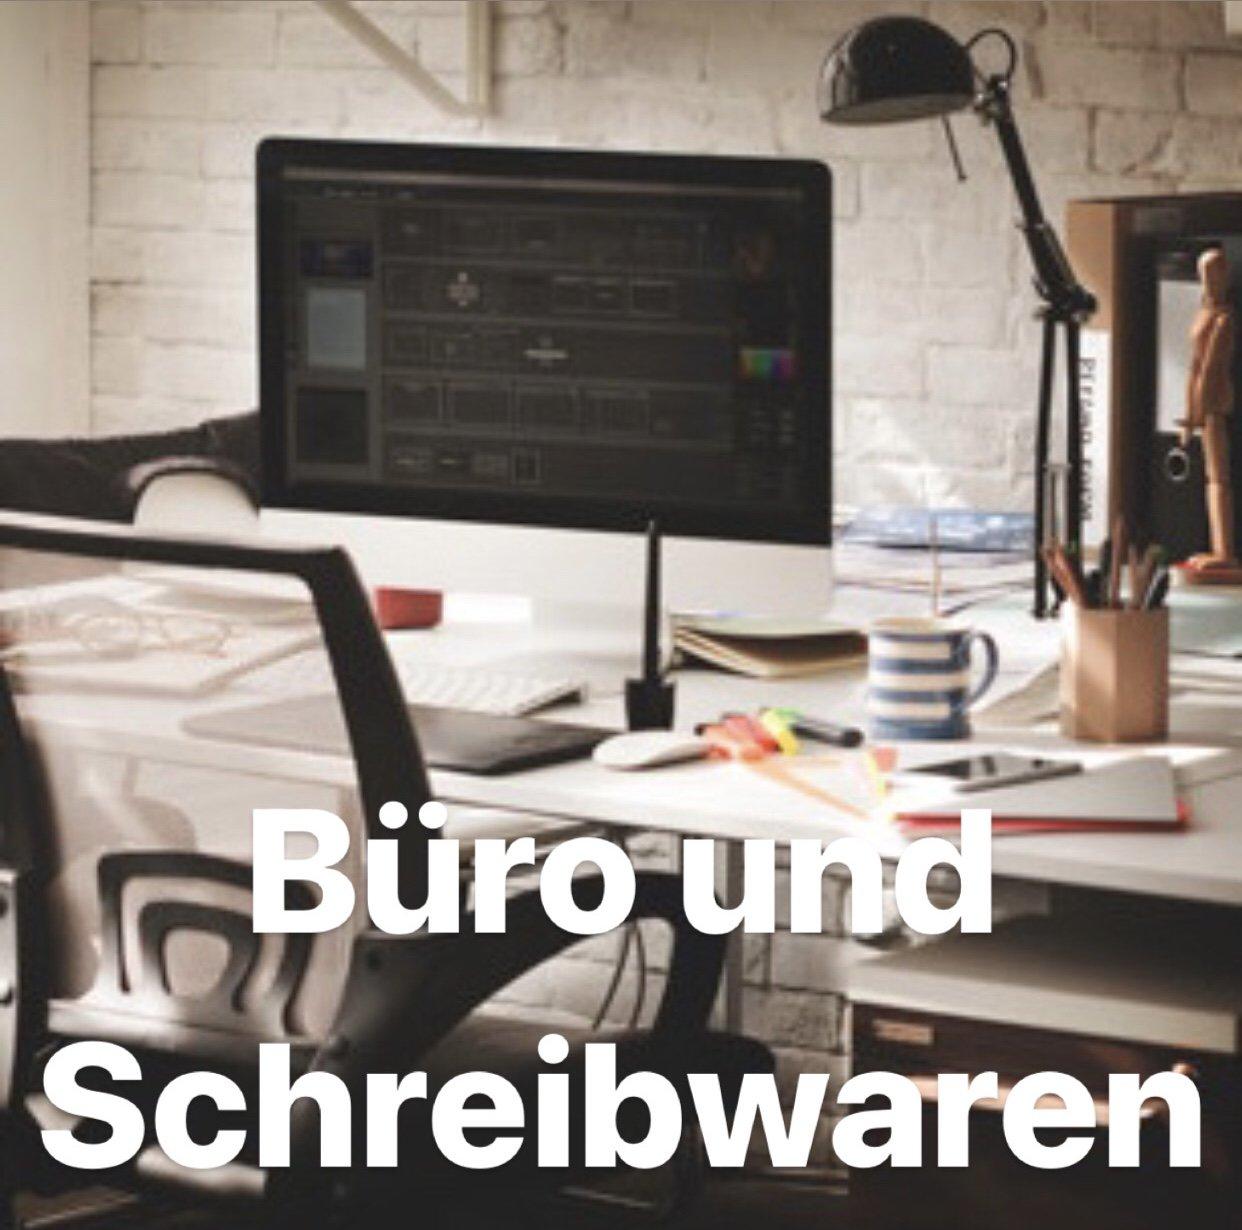 Büro und Schreibwaren / office equipment